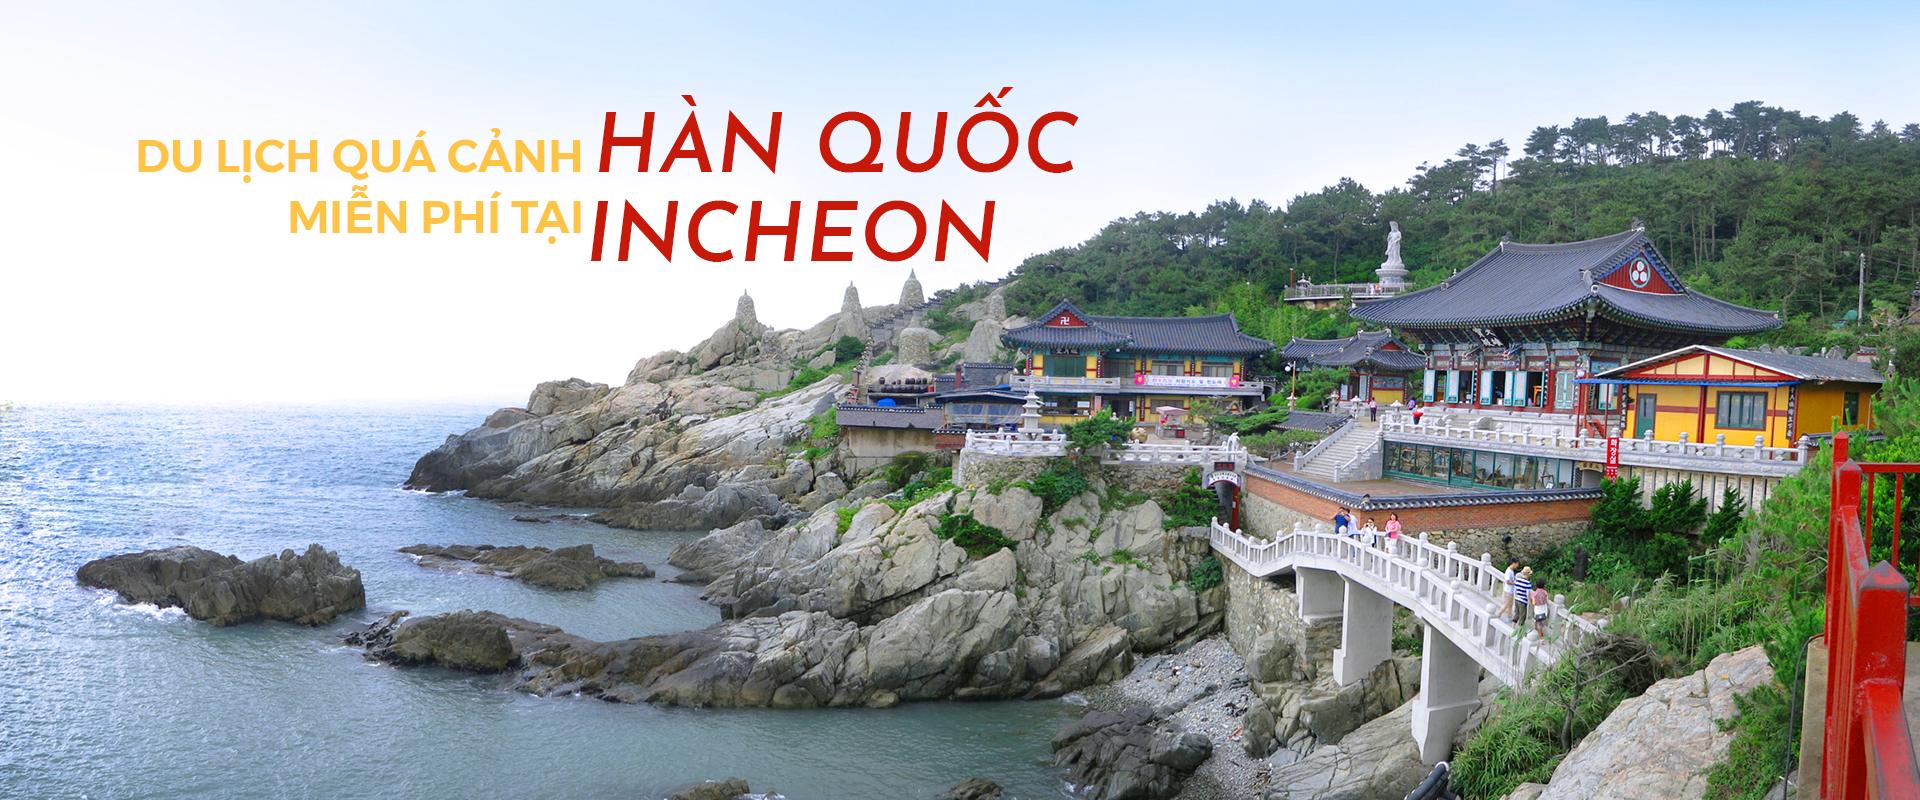 Du lịch quá cảnh Hàn Quốc miễn phí tại Incheon